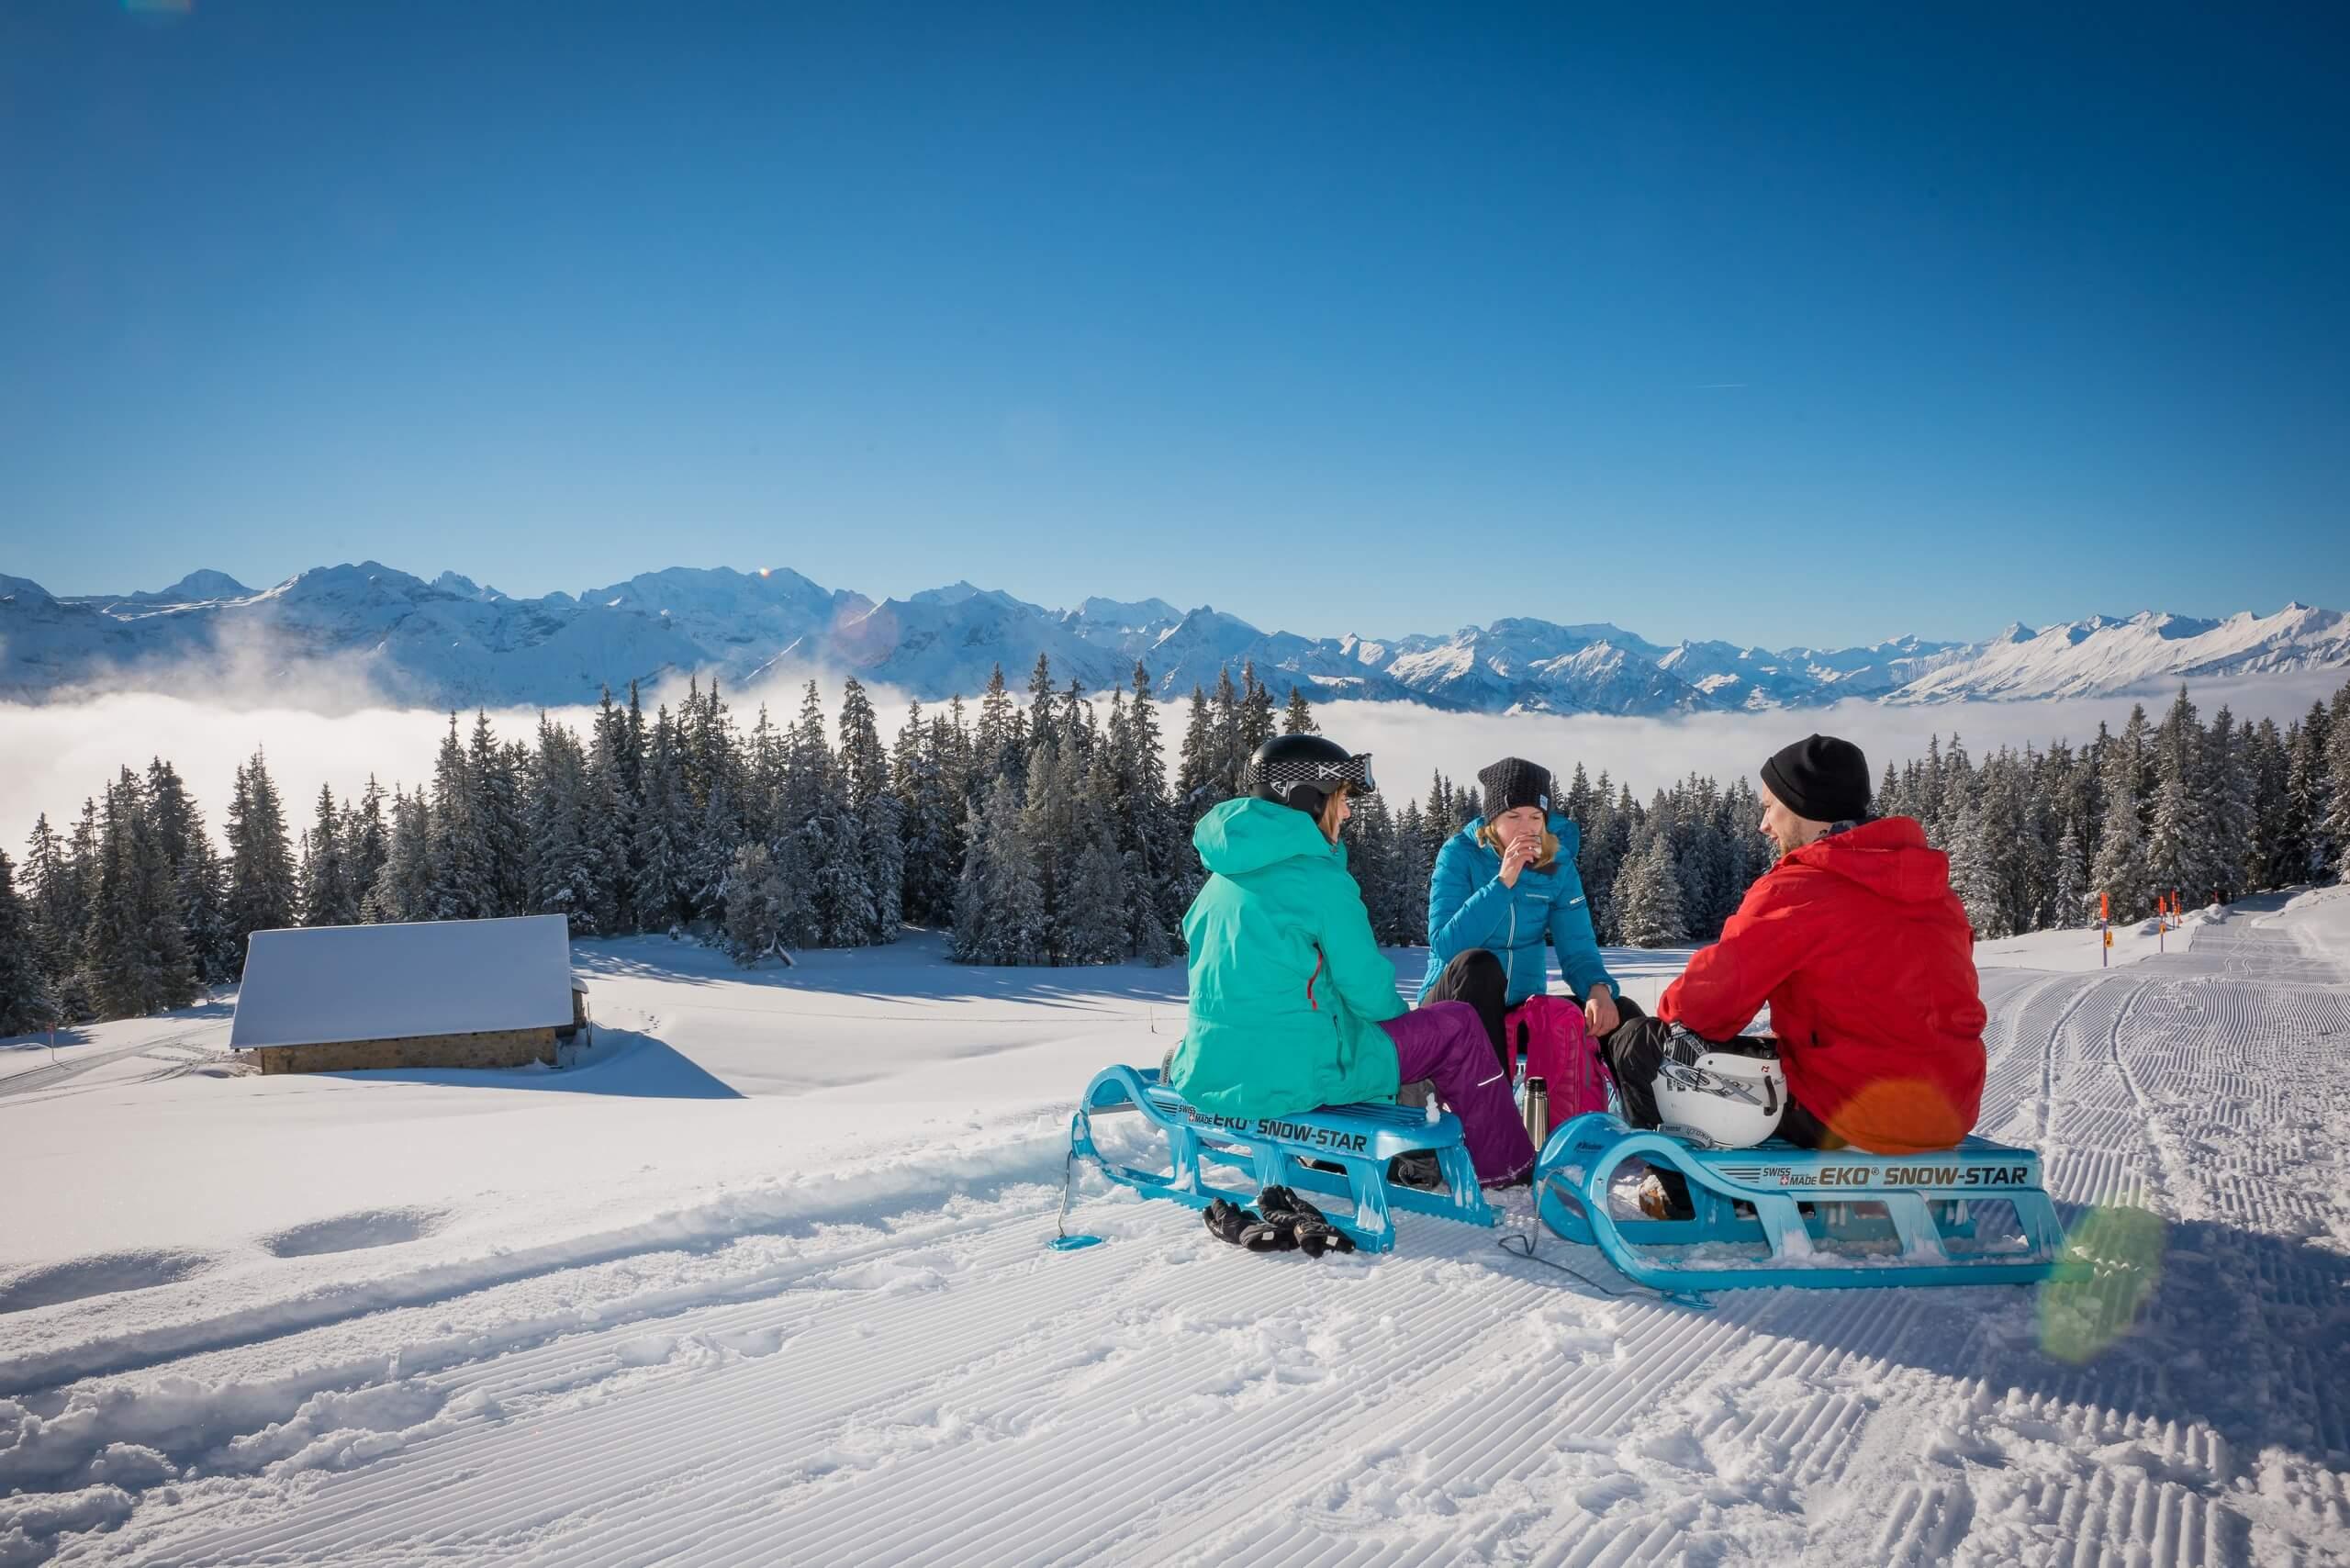 niederhorn-schlitteln-winter-nebelmeer-berge-panorama-geniessen-sitzen